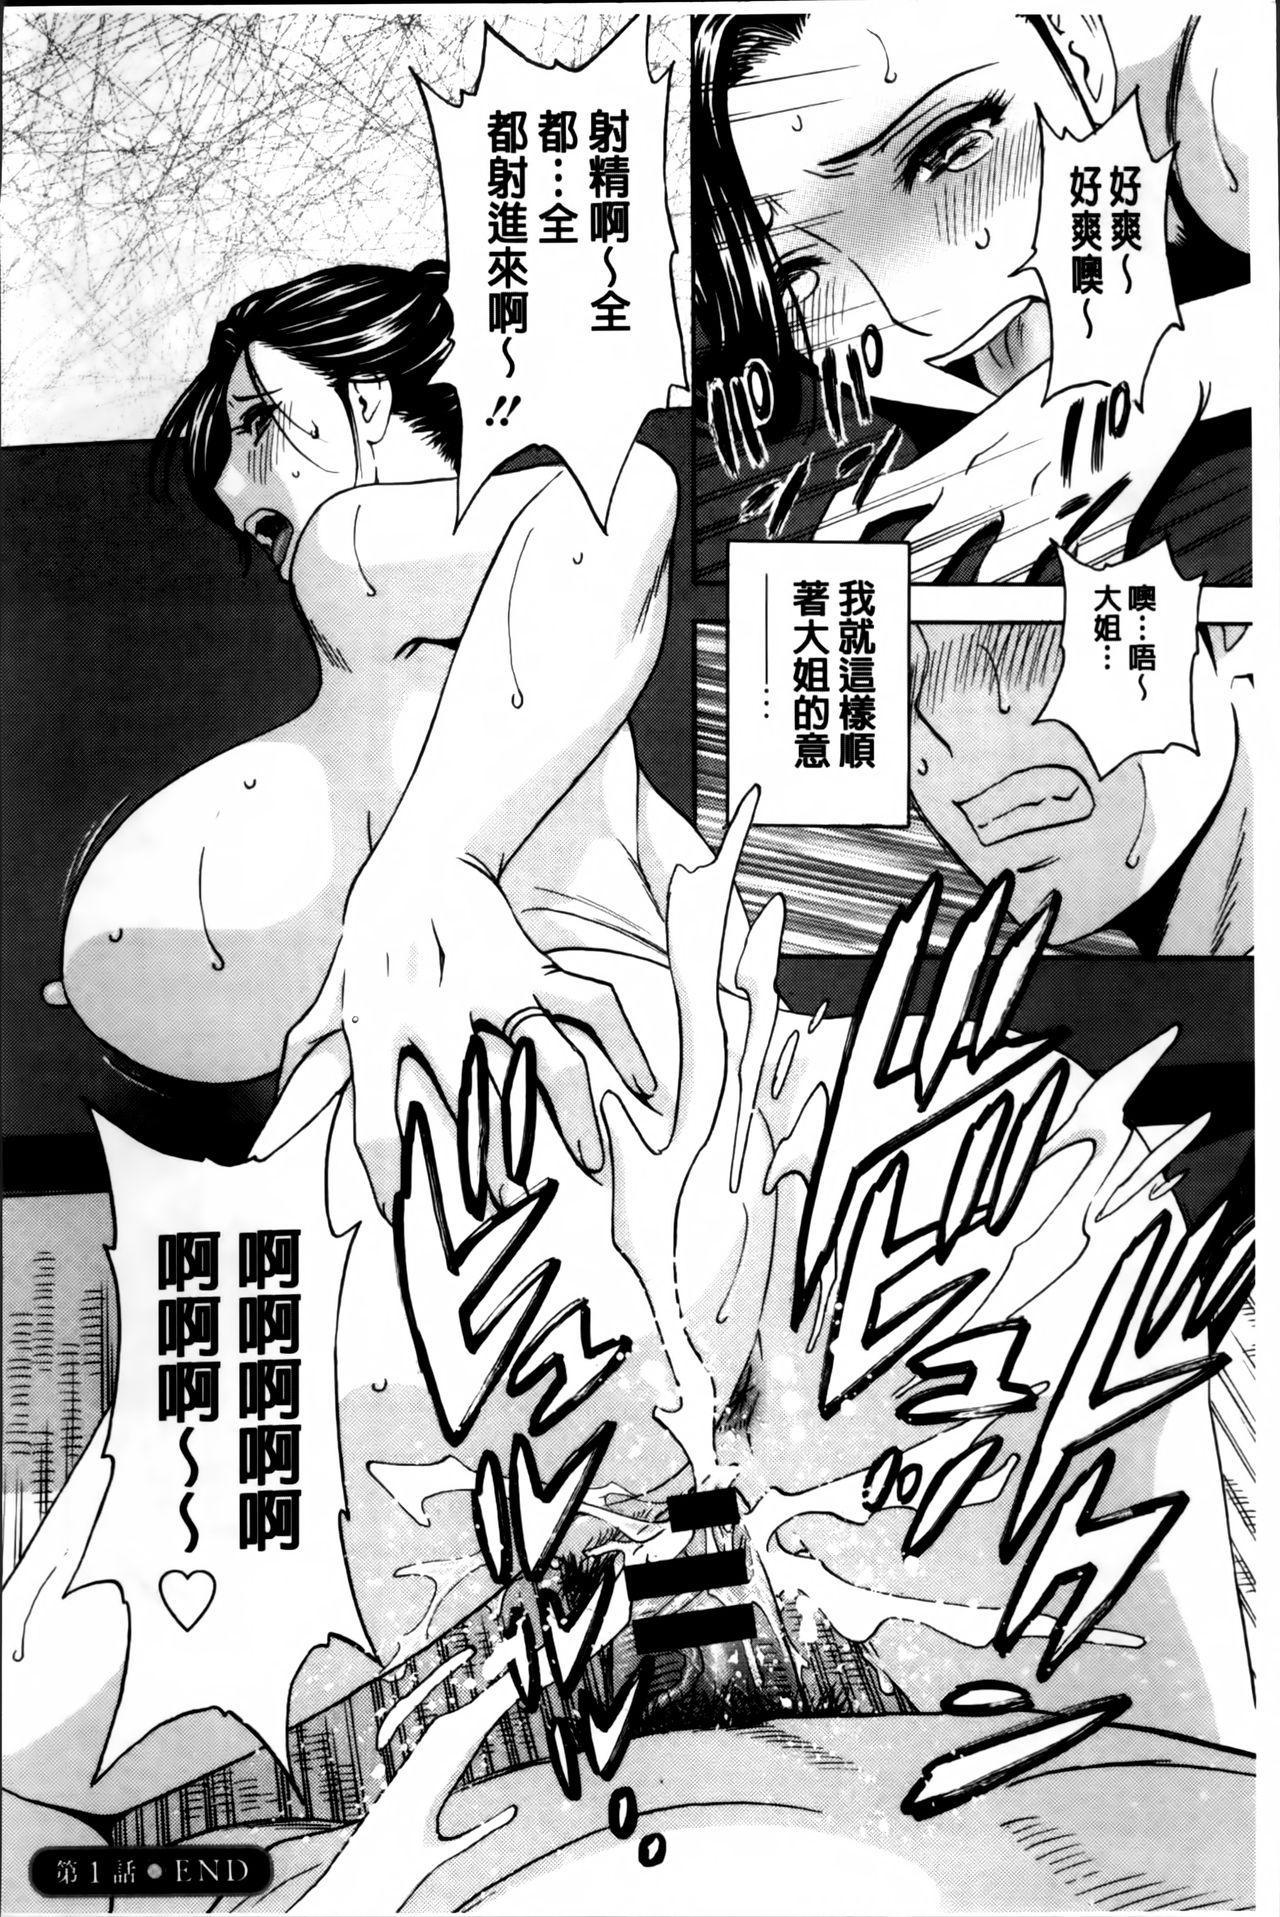 Midara Shimai Asobi 28